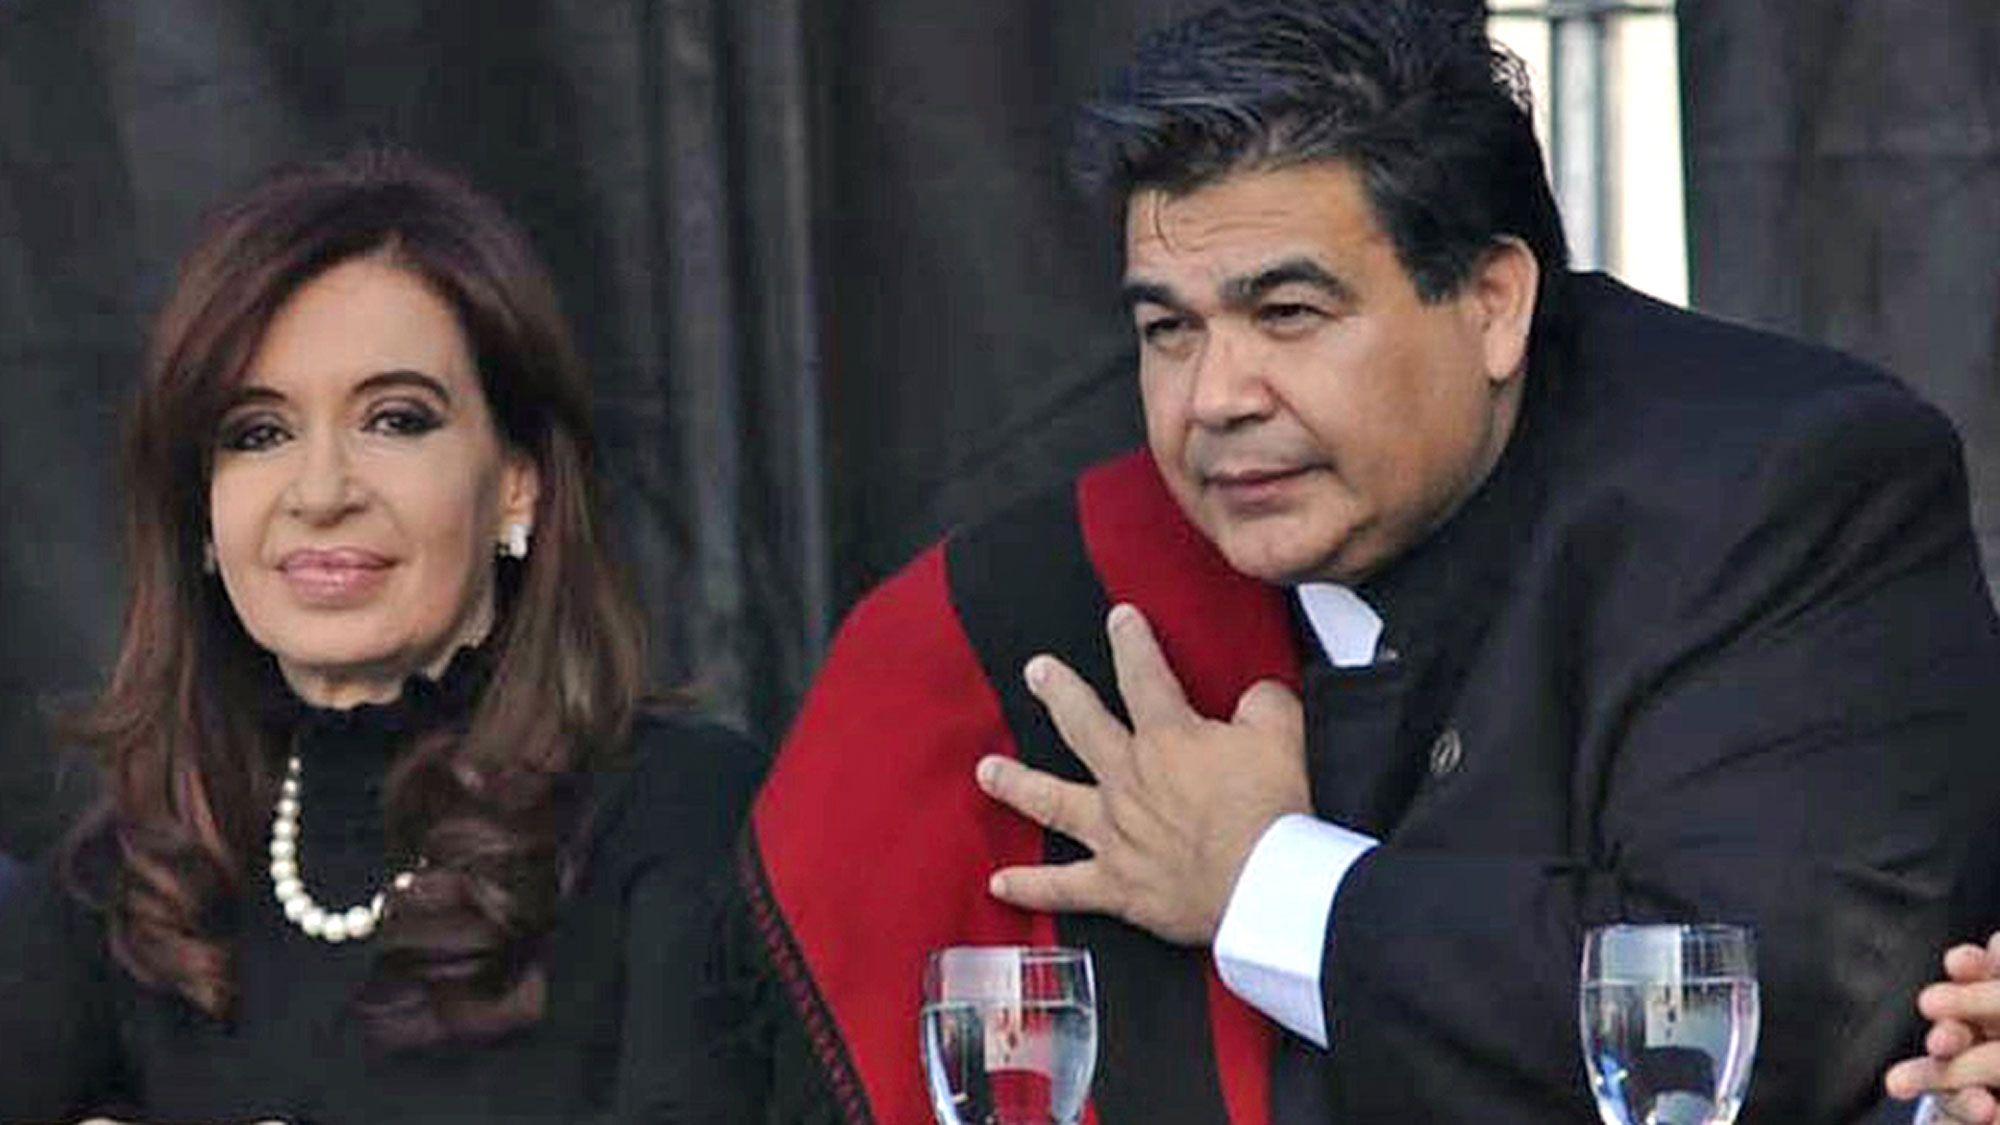 """""""Le pedí a Máximo que hagan internas y que abran el partido como corresponde"""", dijo el intendente de José C. Paz; críticas al kirchnerismo"""